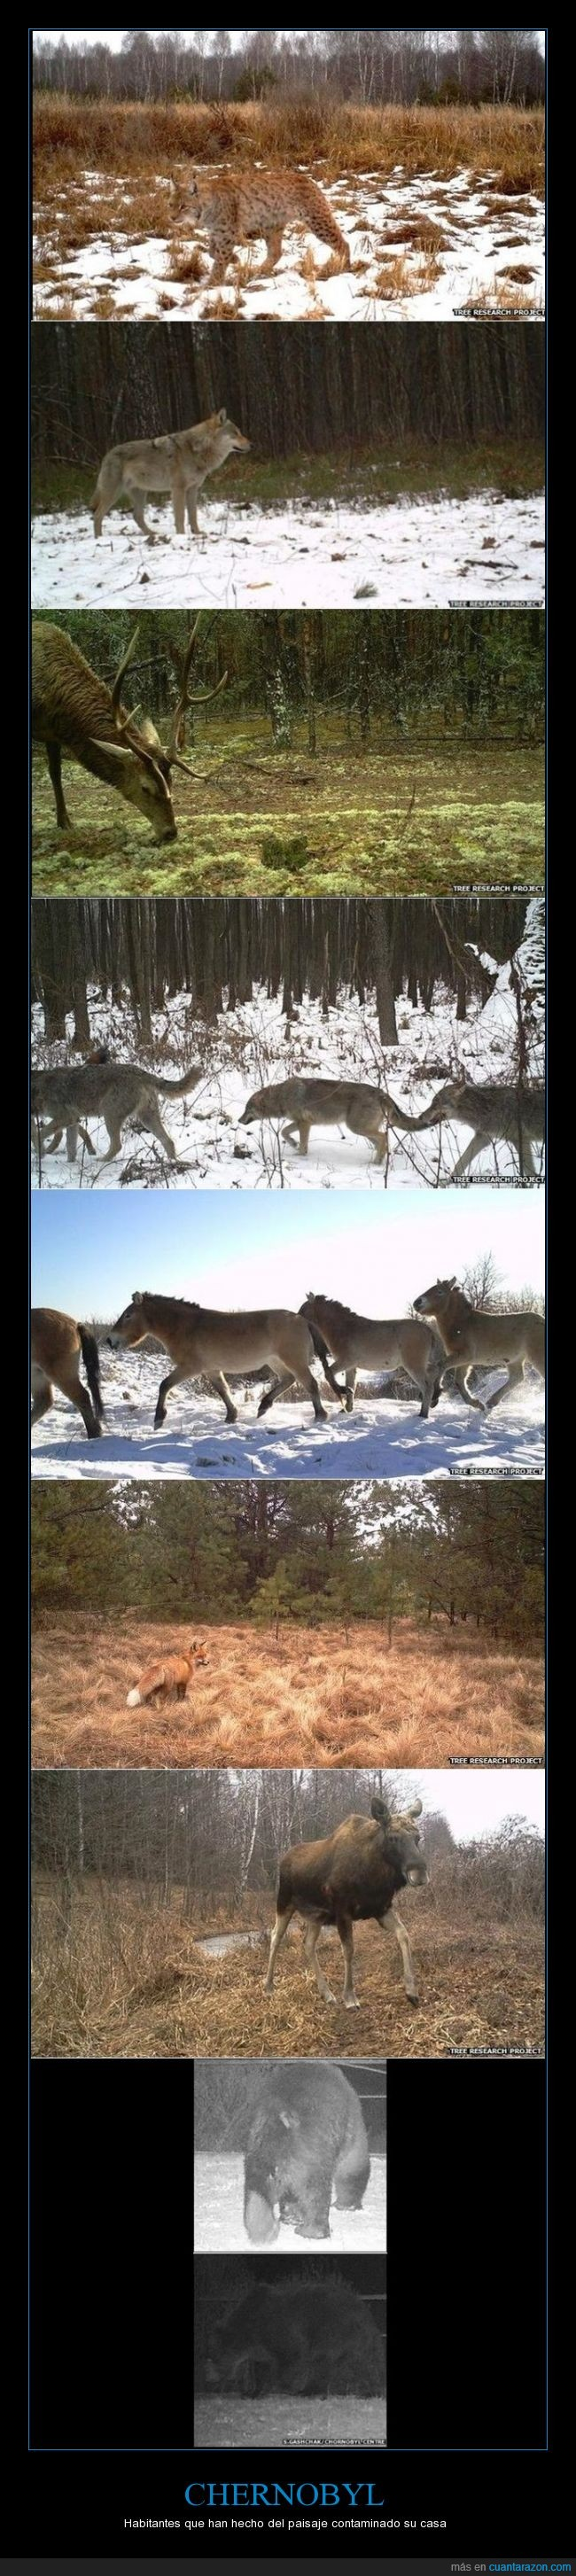 cámaras en lugares estratégicos,Chernobyl,diversidad de vida silvestre,ex RSS de Ucrania,Mike Wood,Rusia,Unión Soviética,Vida Silvestre